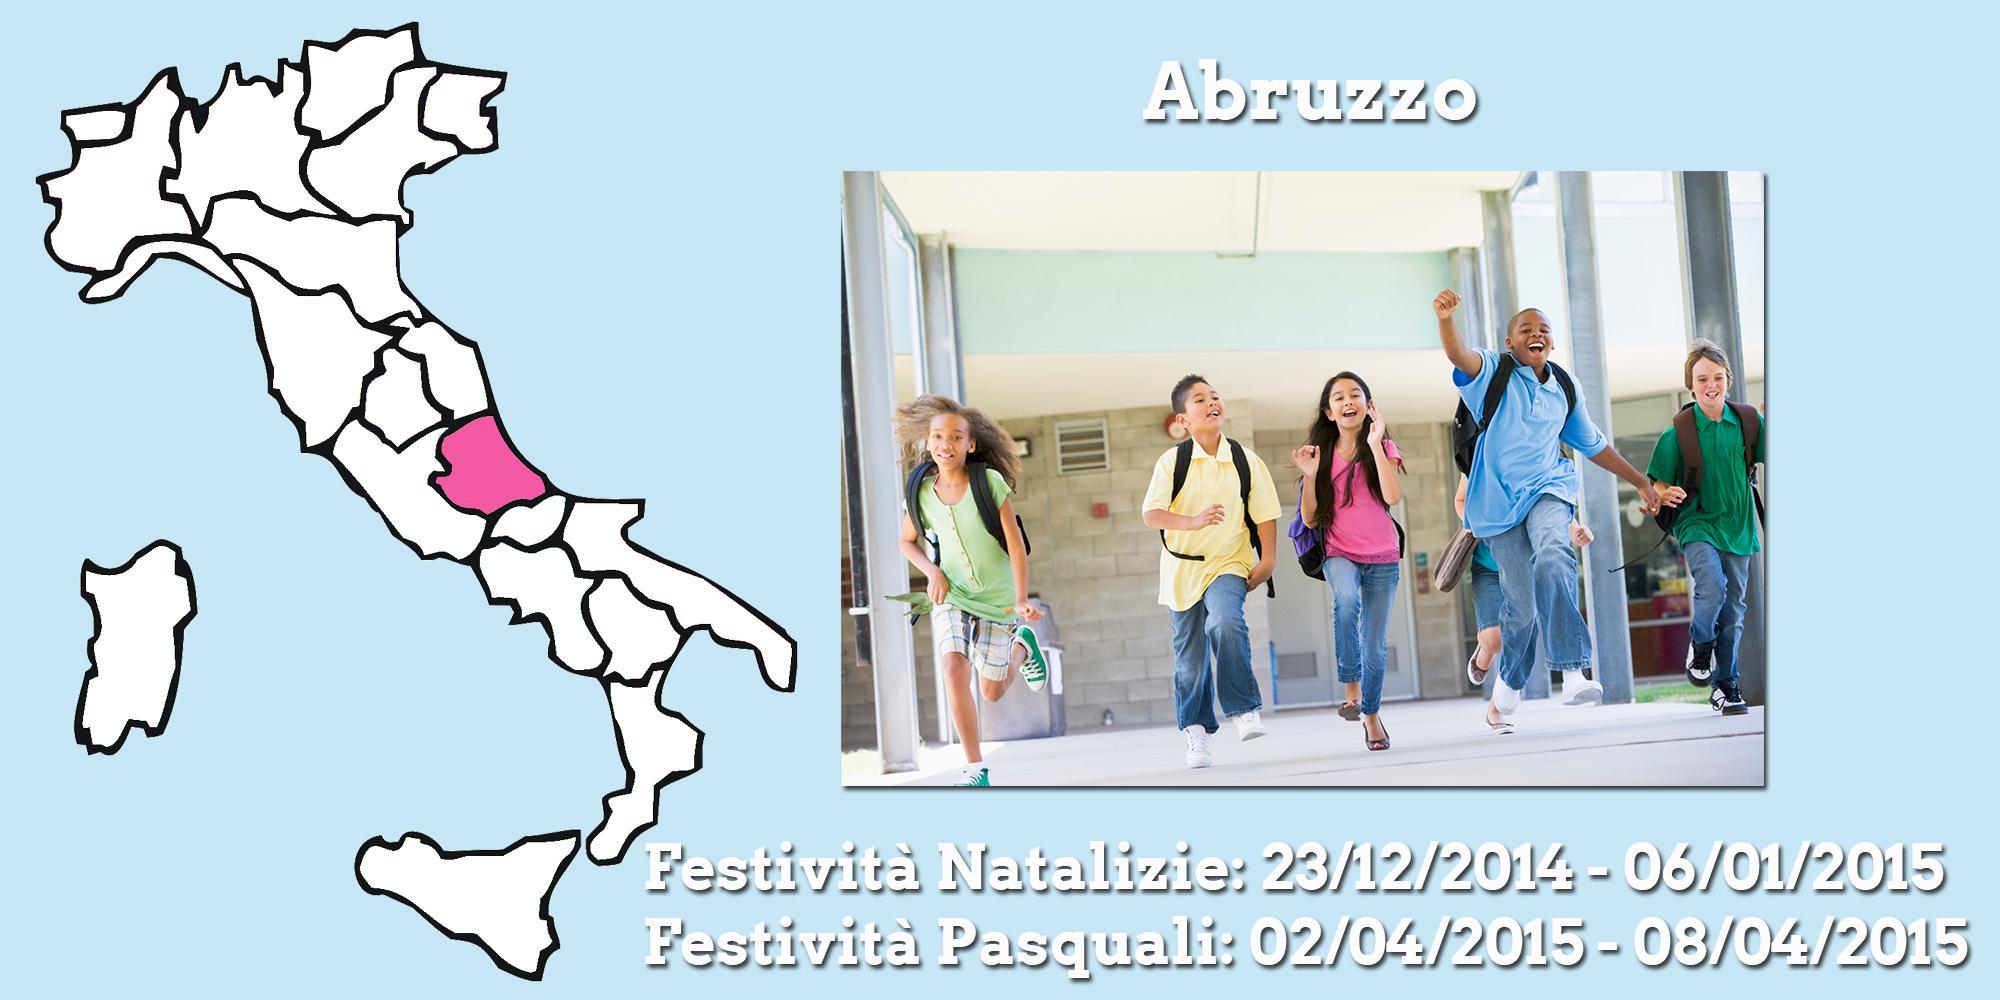 Lo schema del calendario scolastico - festività incluse - Regione per Regione